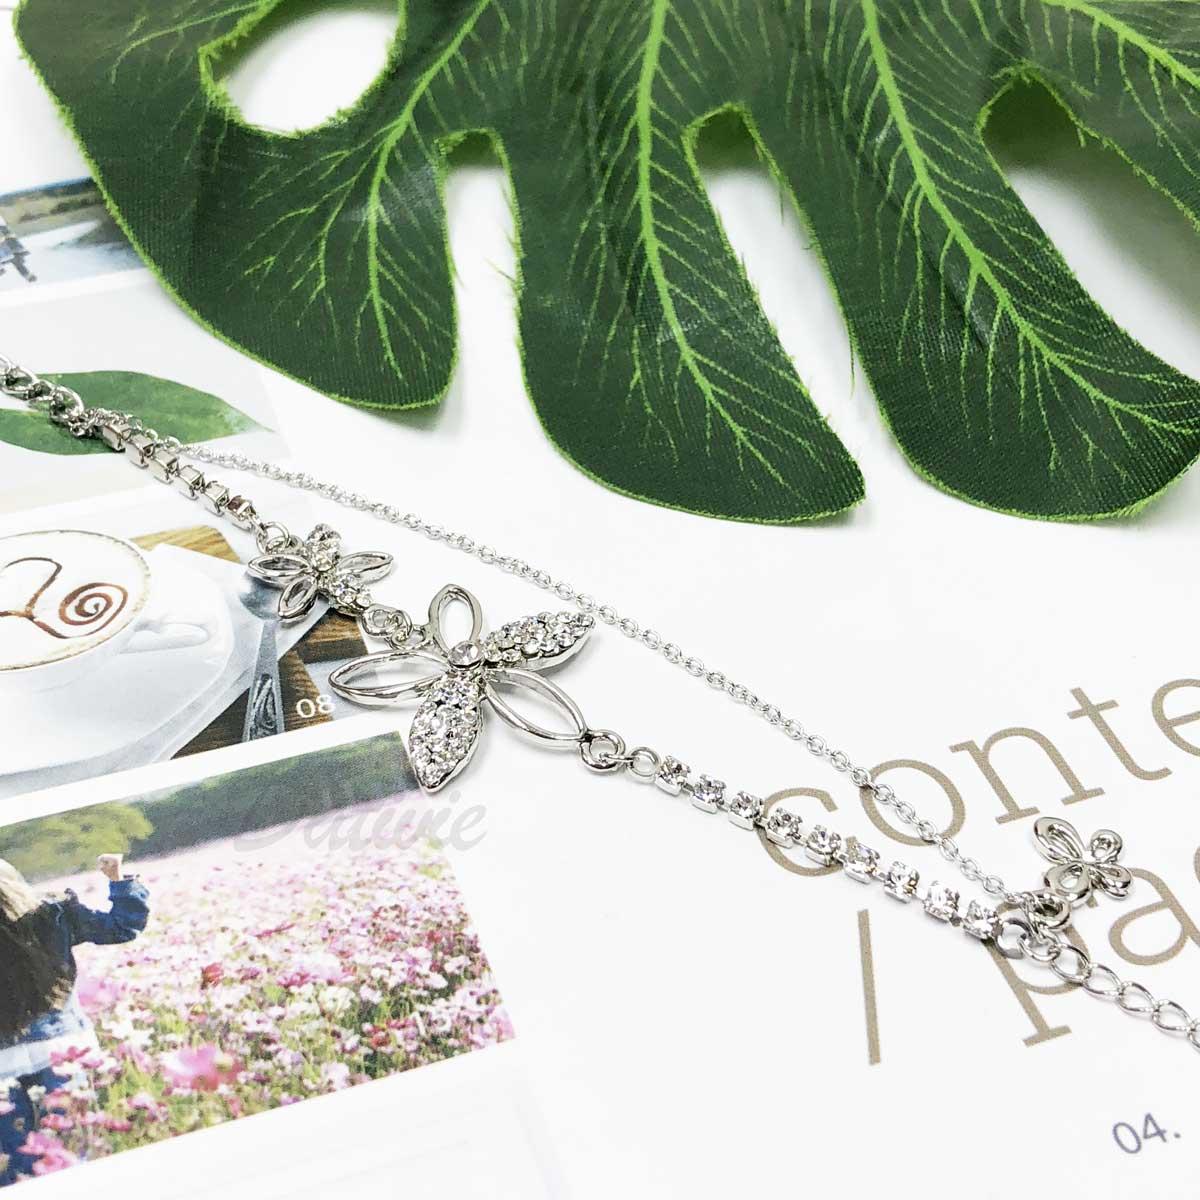 花 蝴蝶 鏤空 鑽鍊 雙鍊 鑲鑽 水鑽 精緻腳鍊